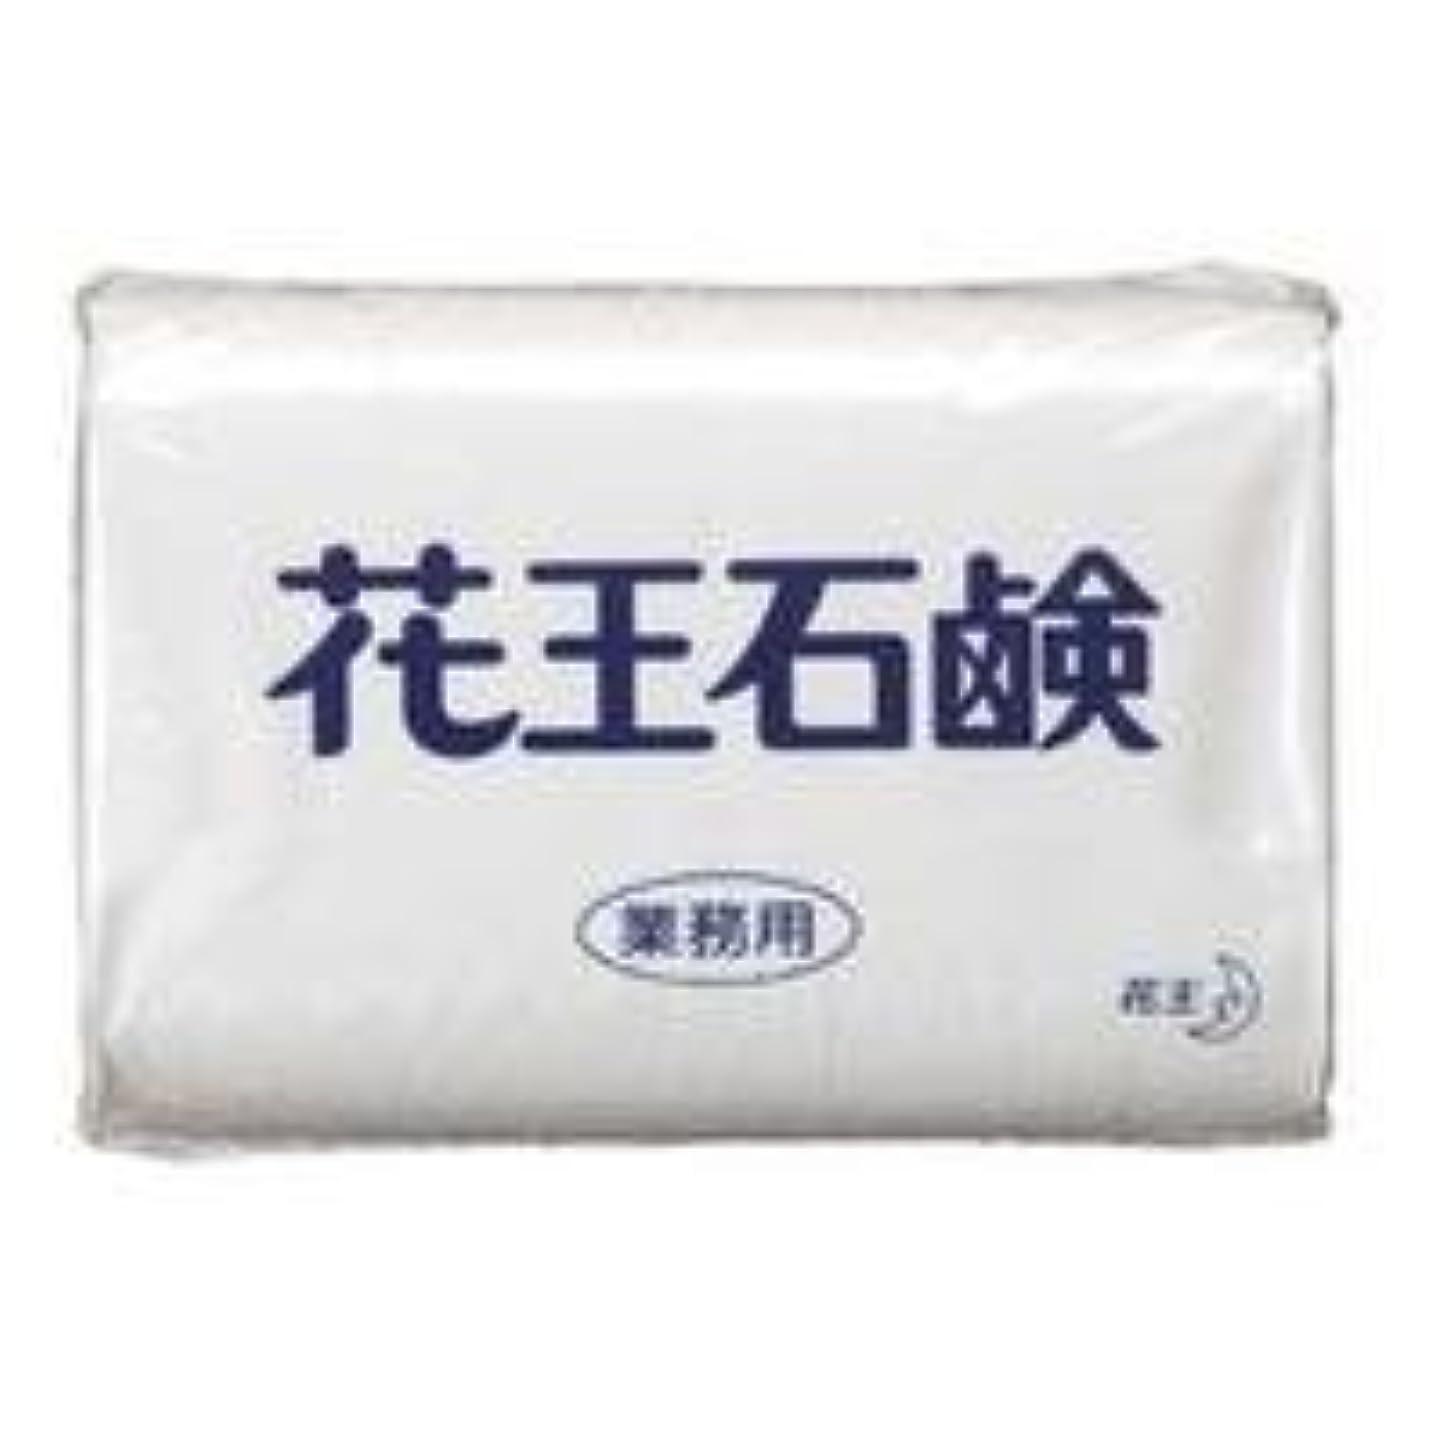 分子ペイン丘業務用石鹸 85g 3個×40パック(120個入り)